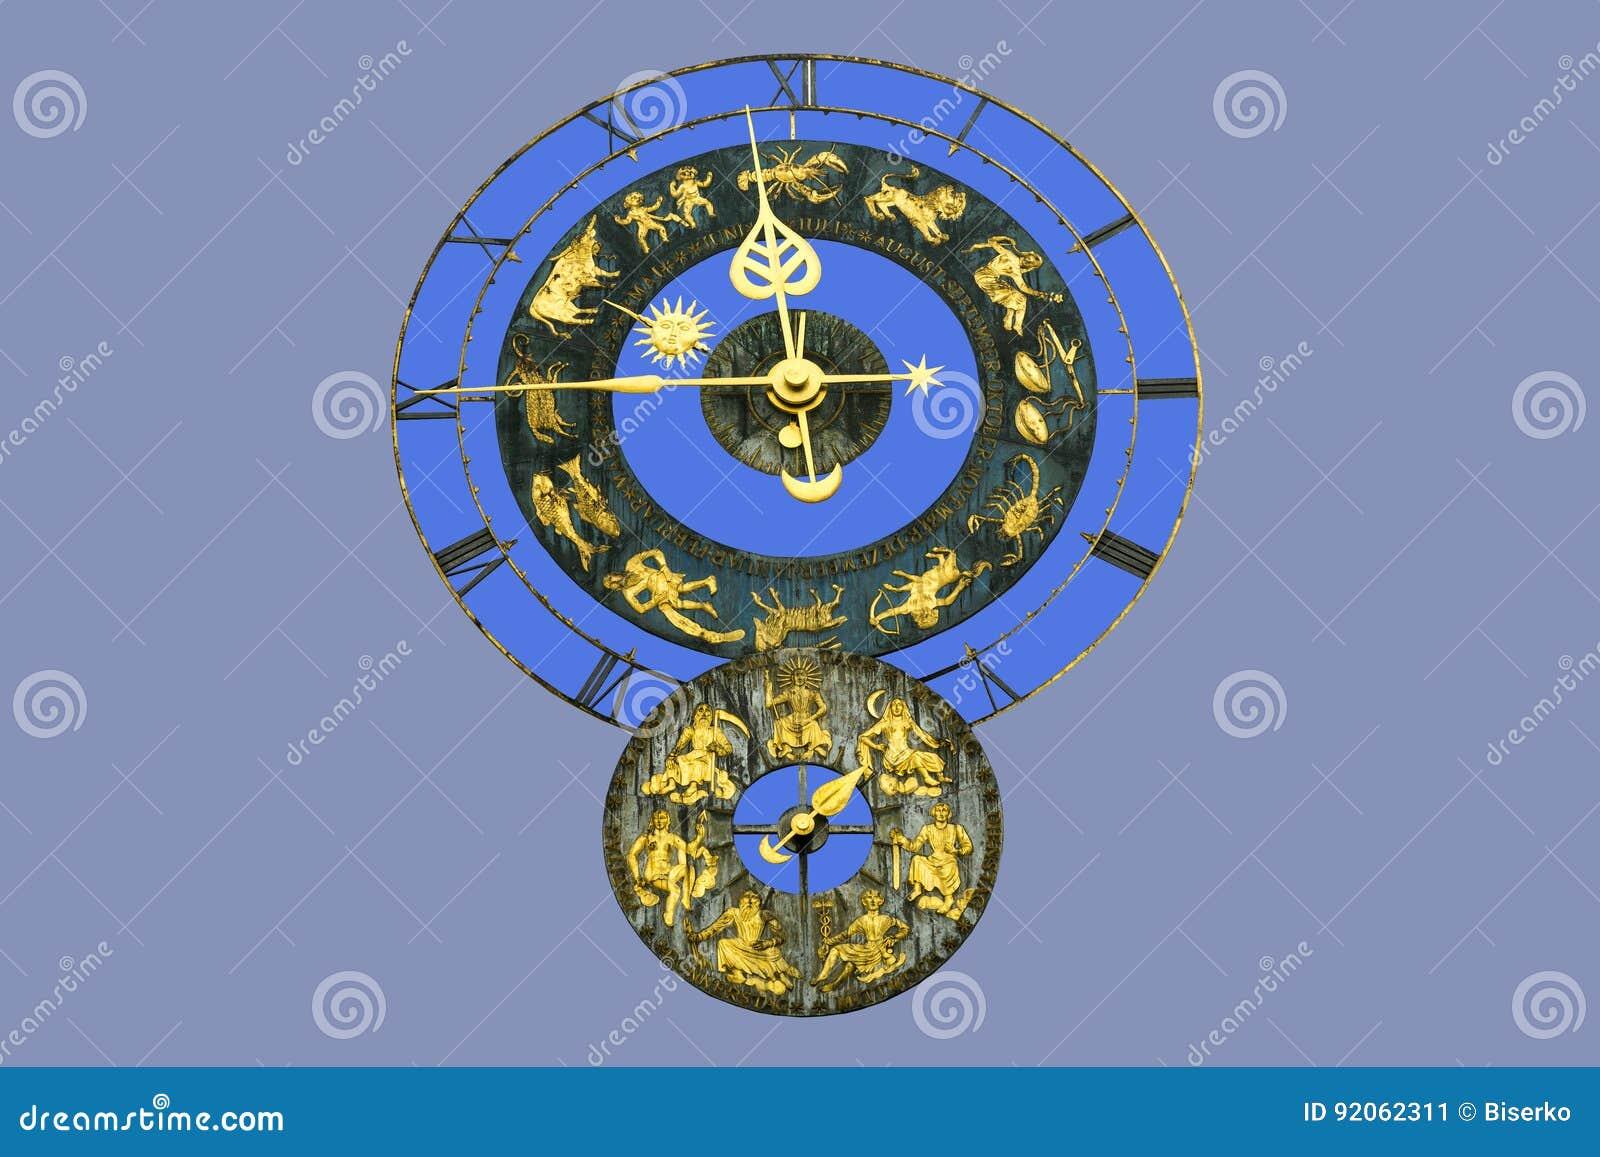 Vieille montre avec des signes de zodiaque